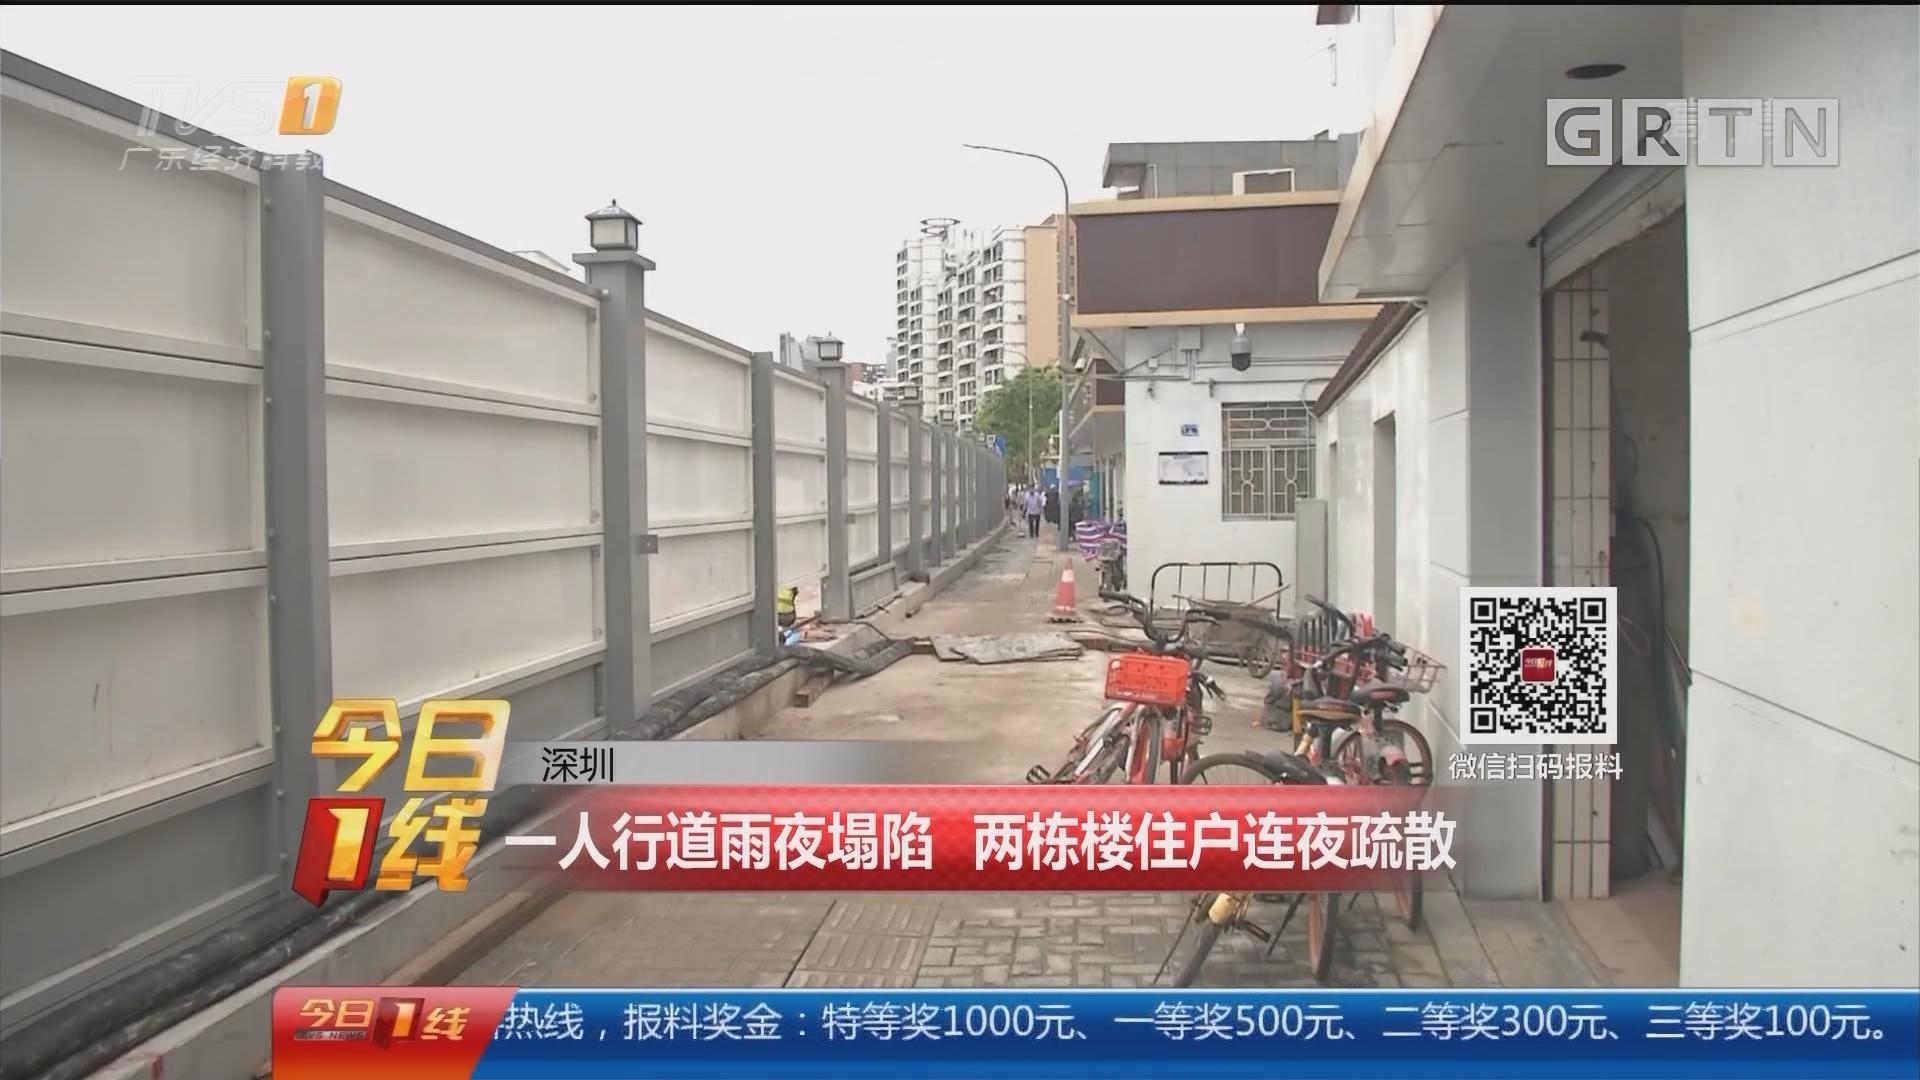 深圳:一人行道雨夜塌陷 两栋楼住户连夜疏散